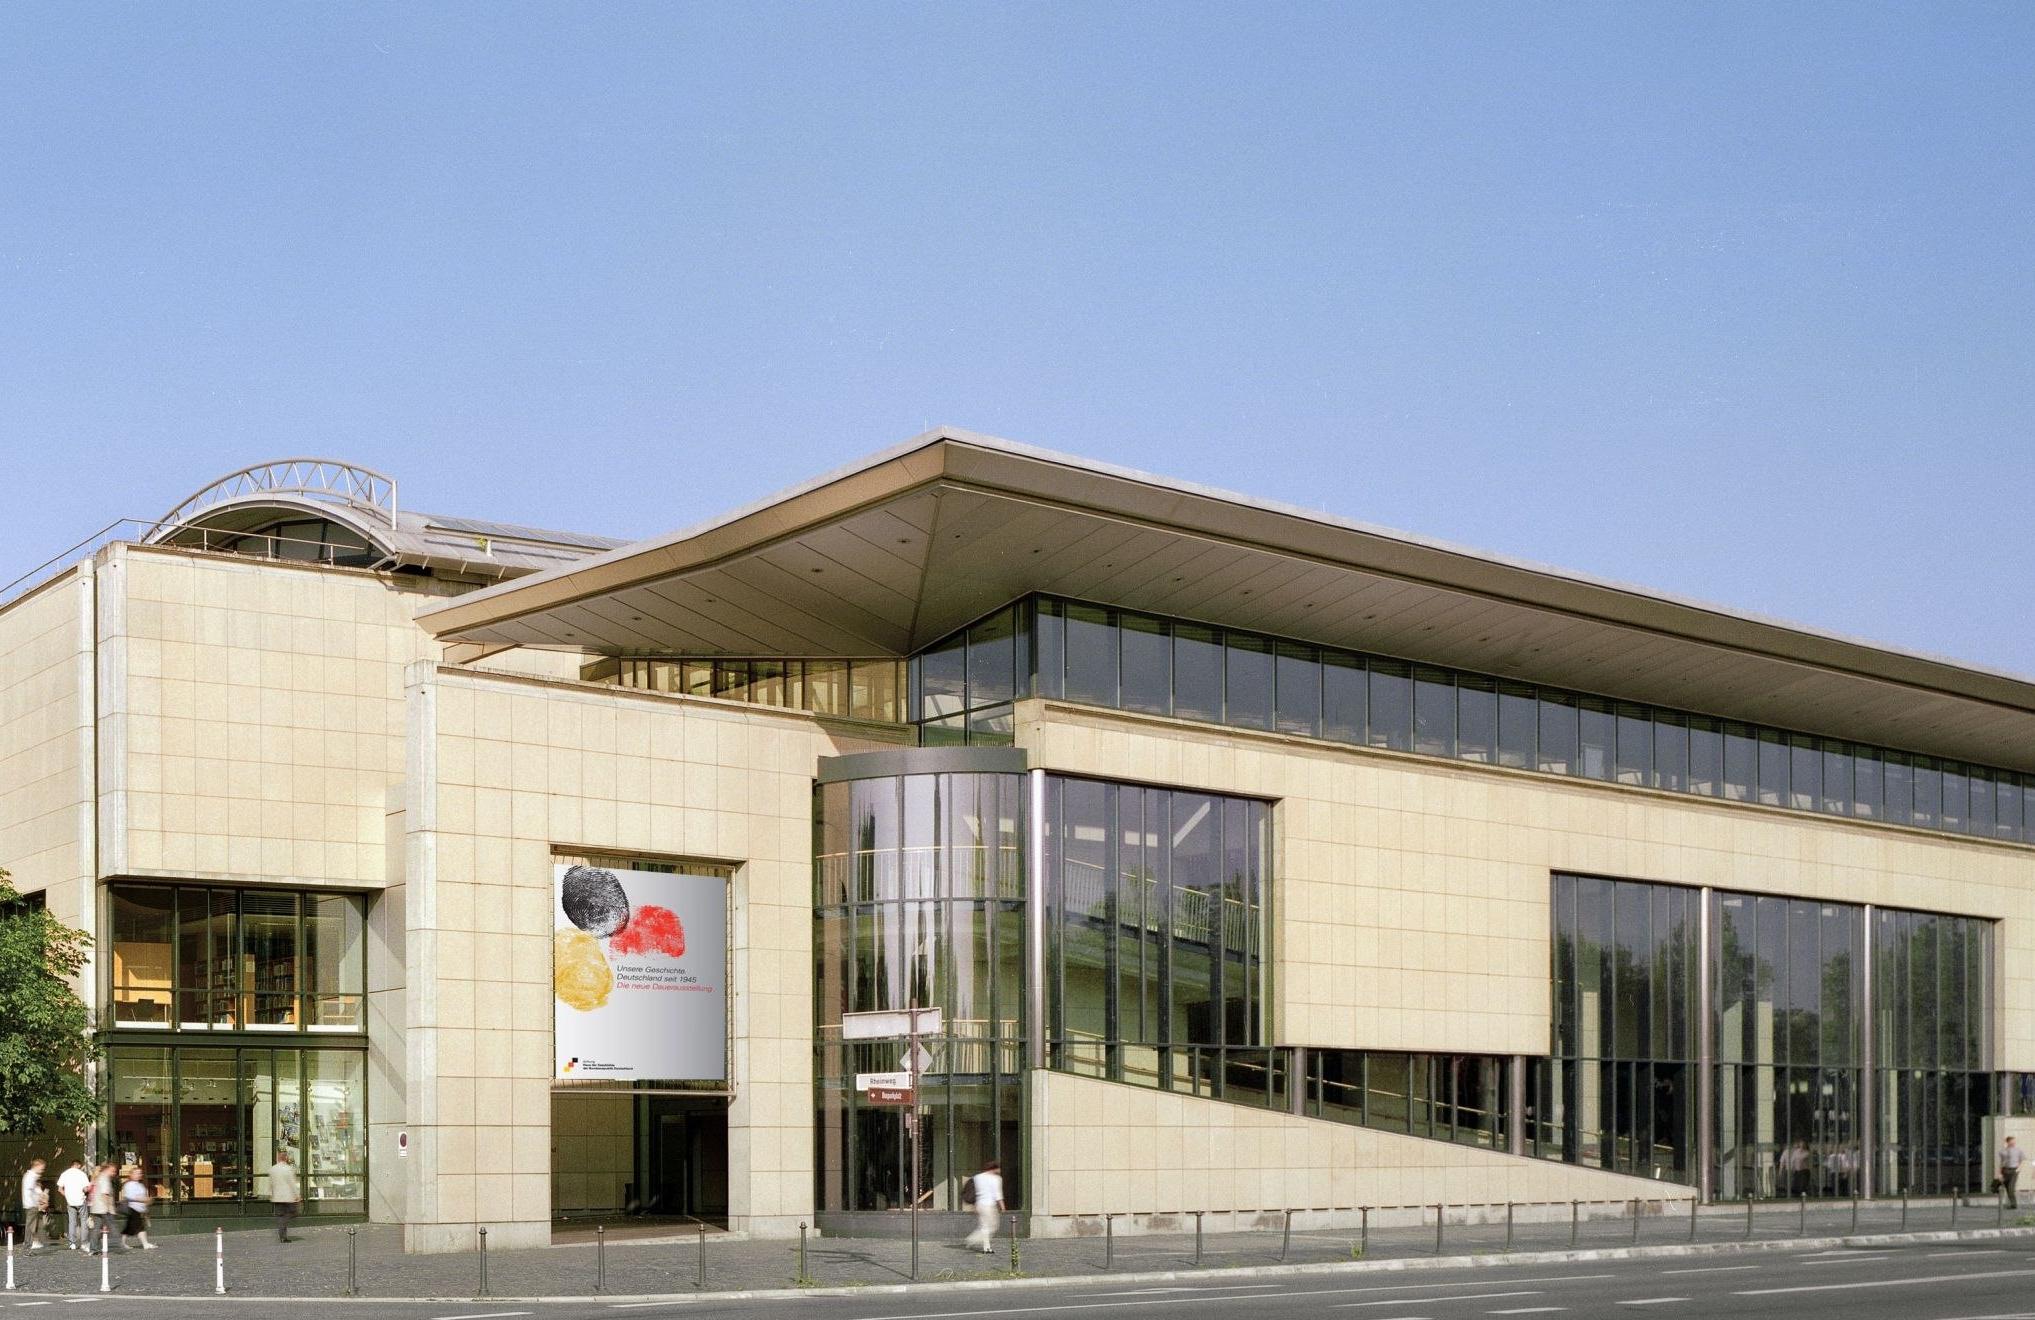 Haus der Geschichte Bonn - Eintritt frei!!!